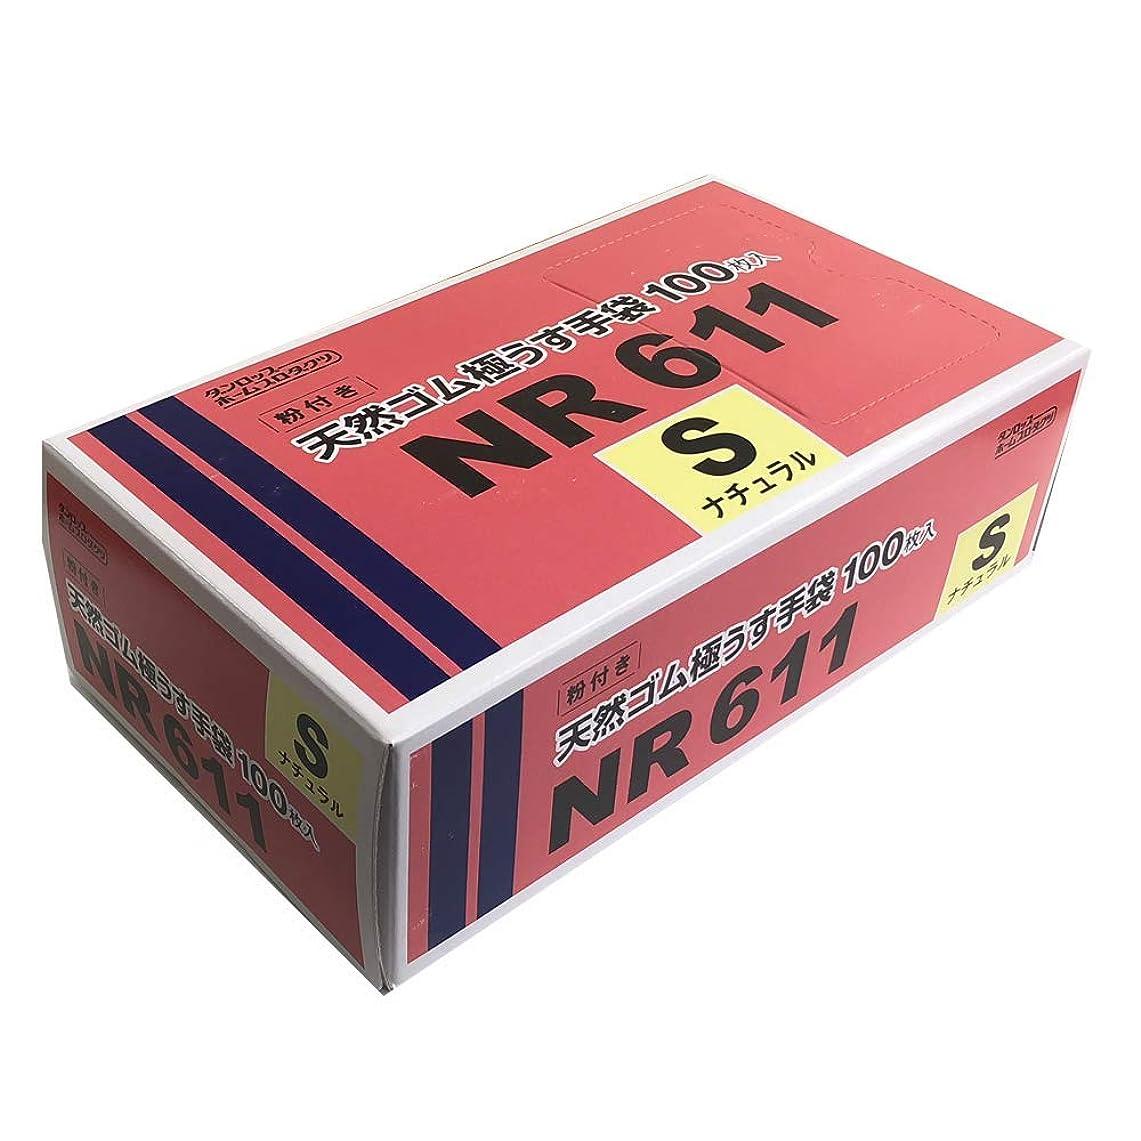 収穫お父さん材料DP NR611 粉付天然ゴム極薄手袋S-N ×20個